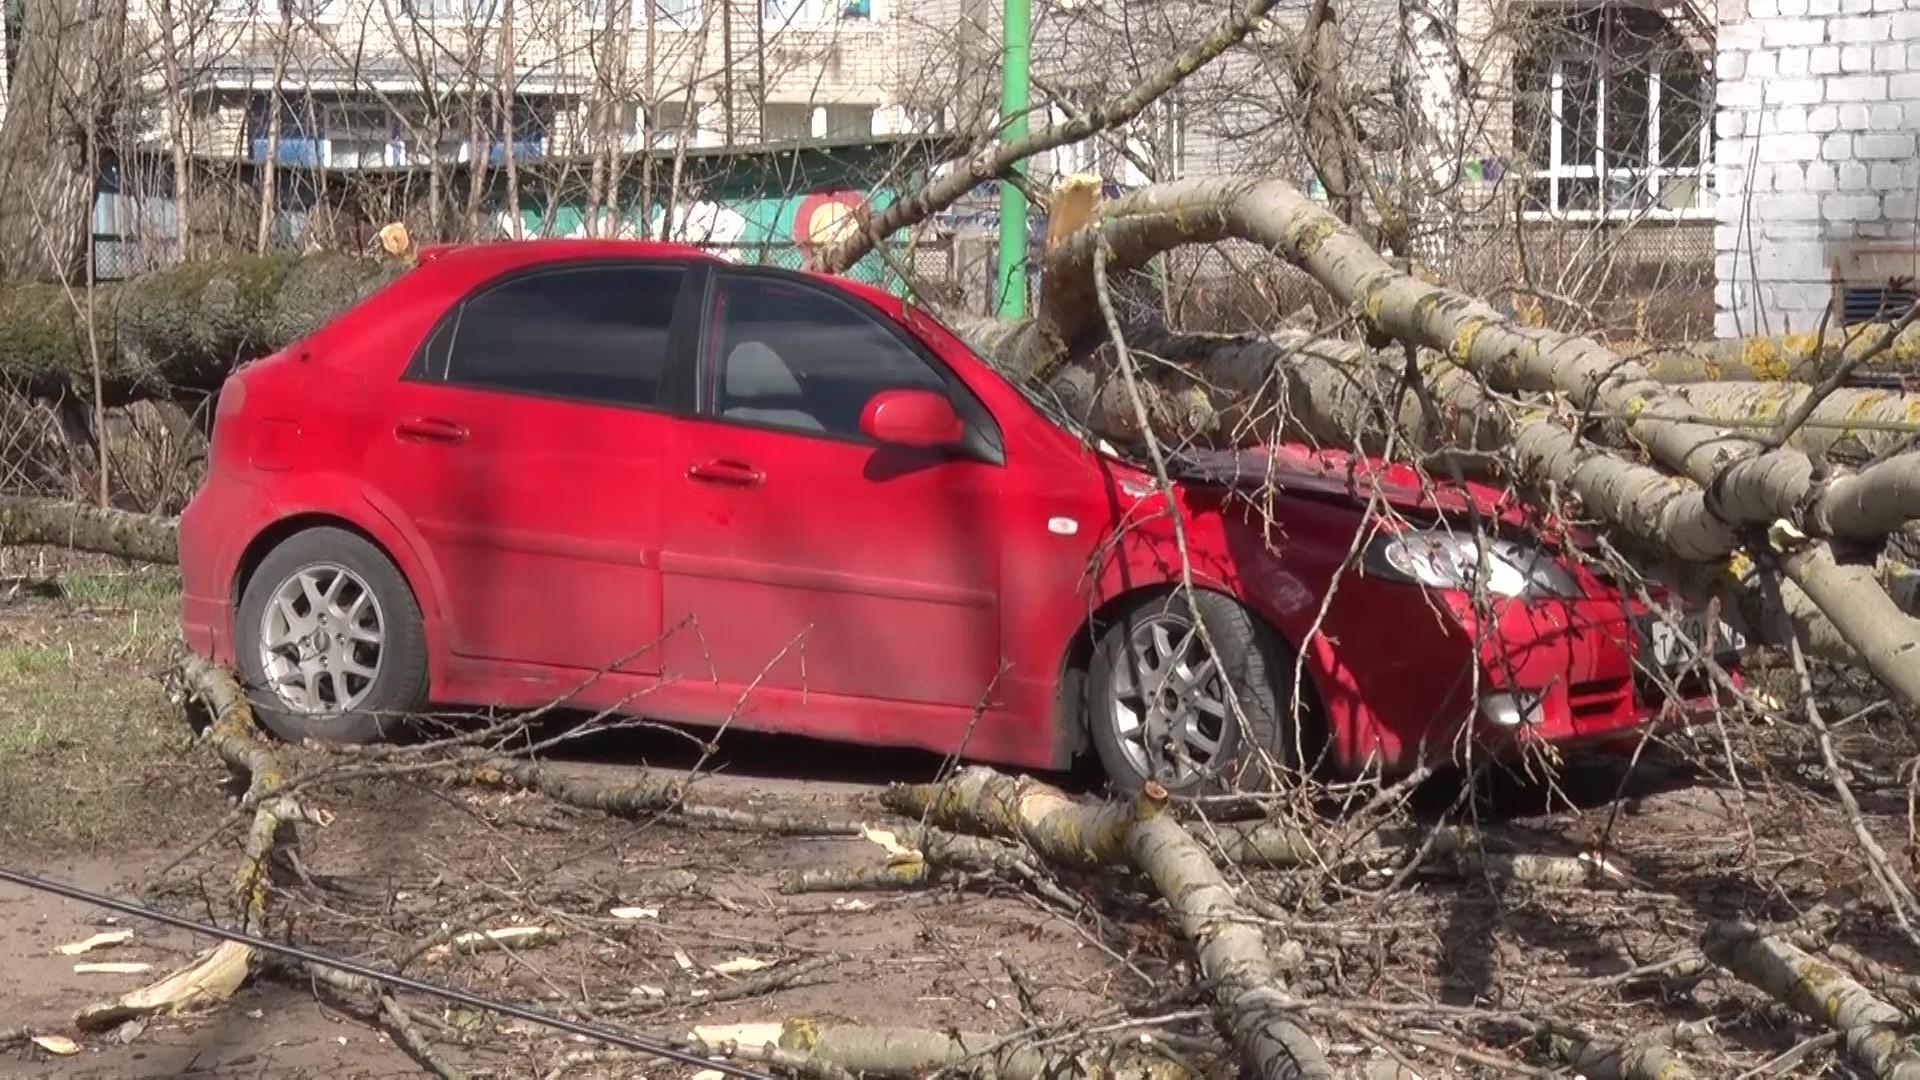 Упавшие деревья и улетевшие мусорные баки: сильный ветер устроил погром в Ярославле